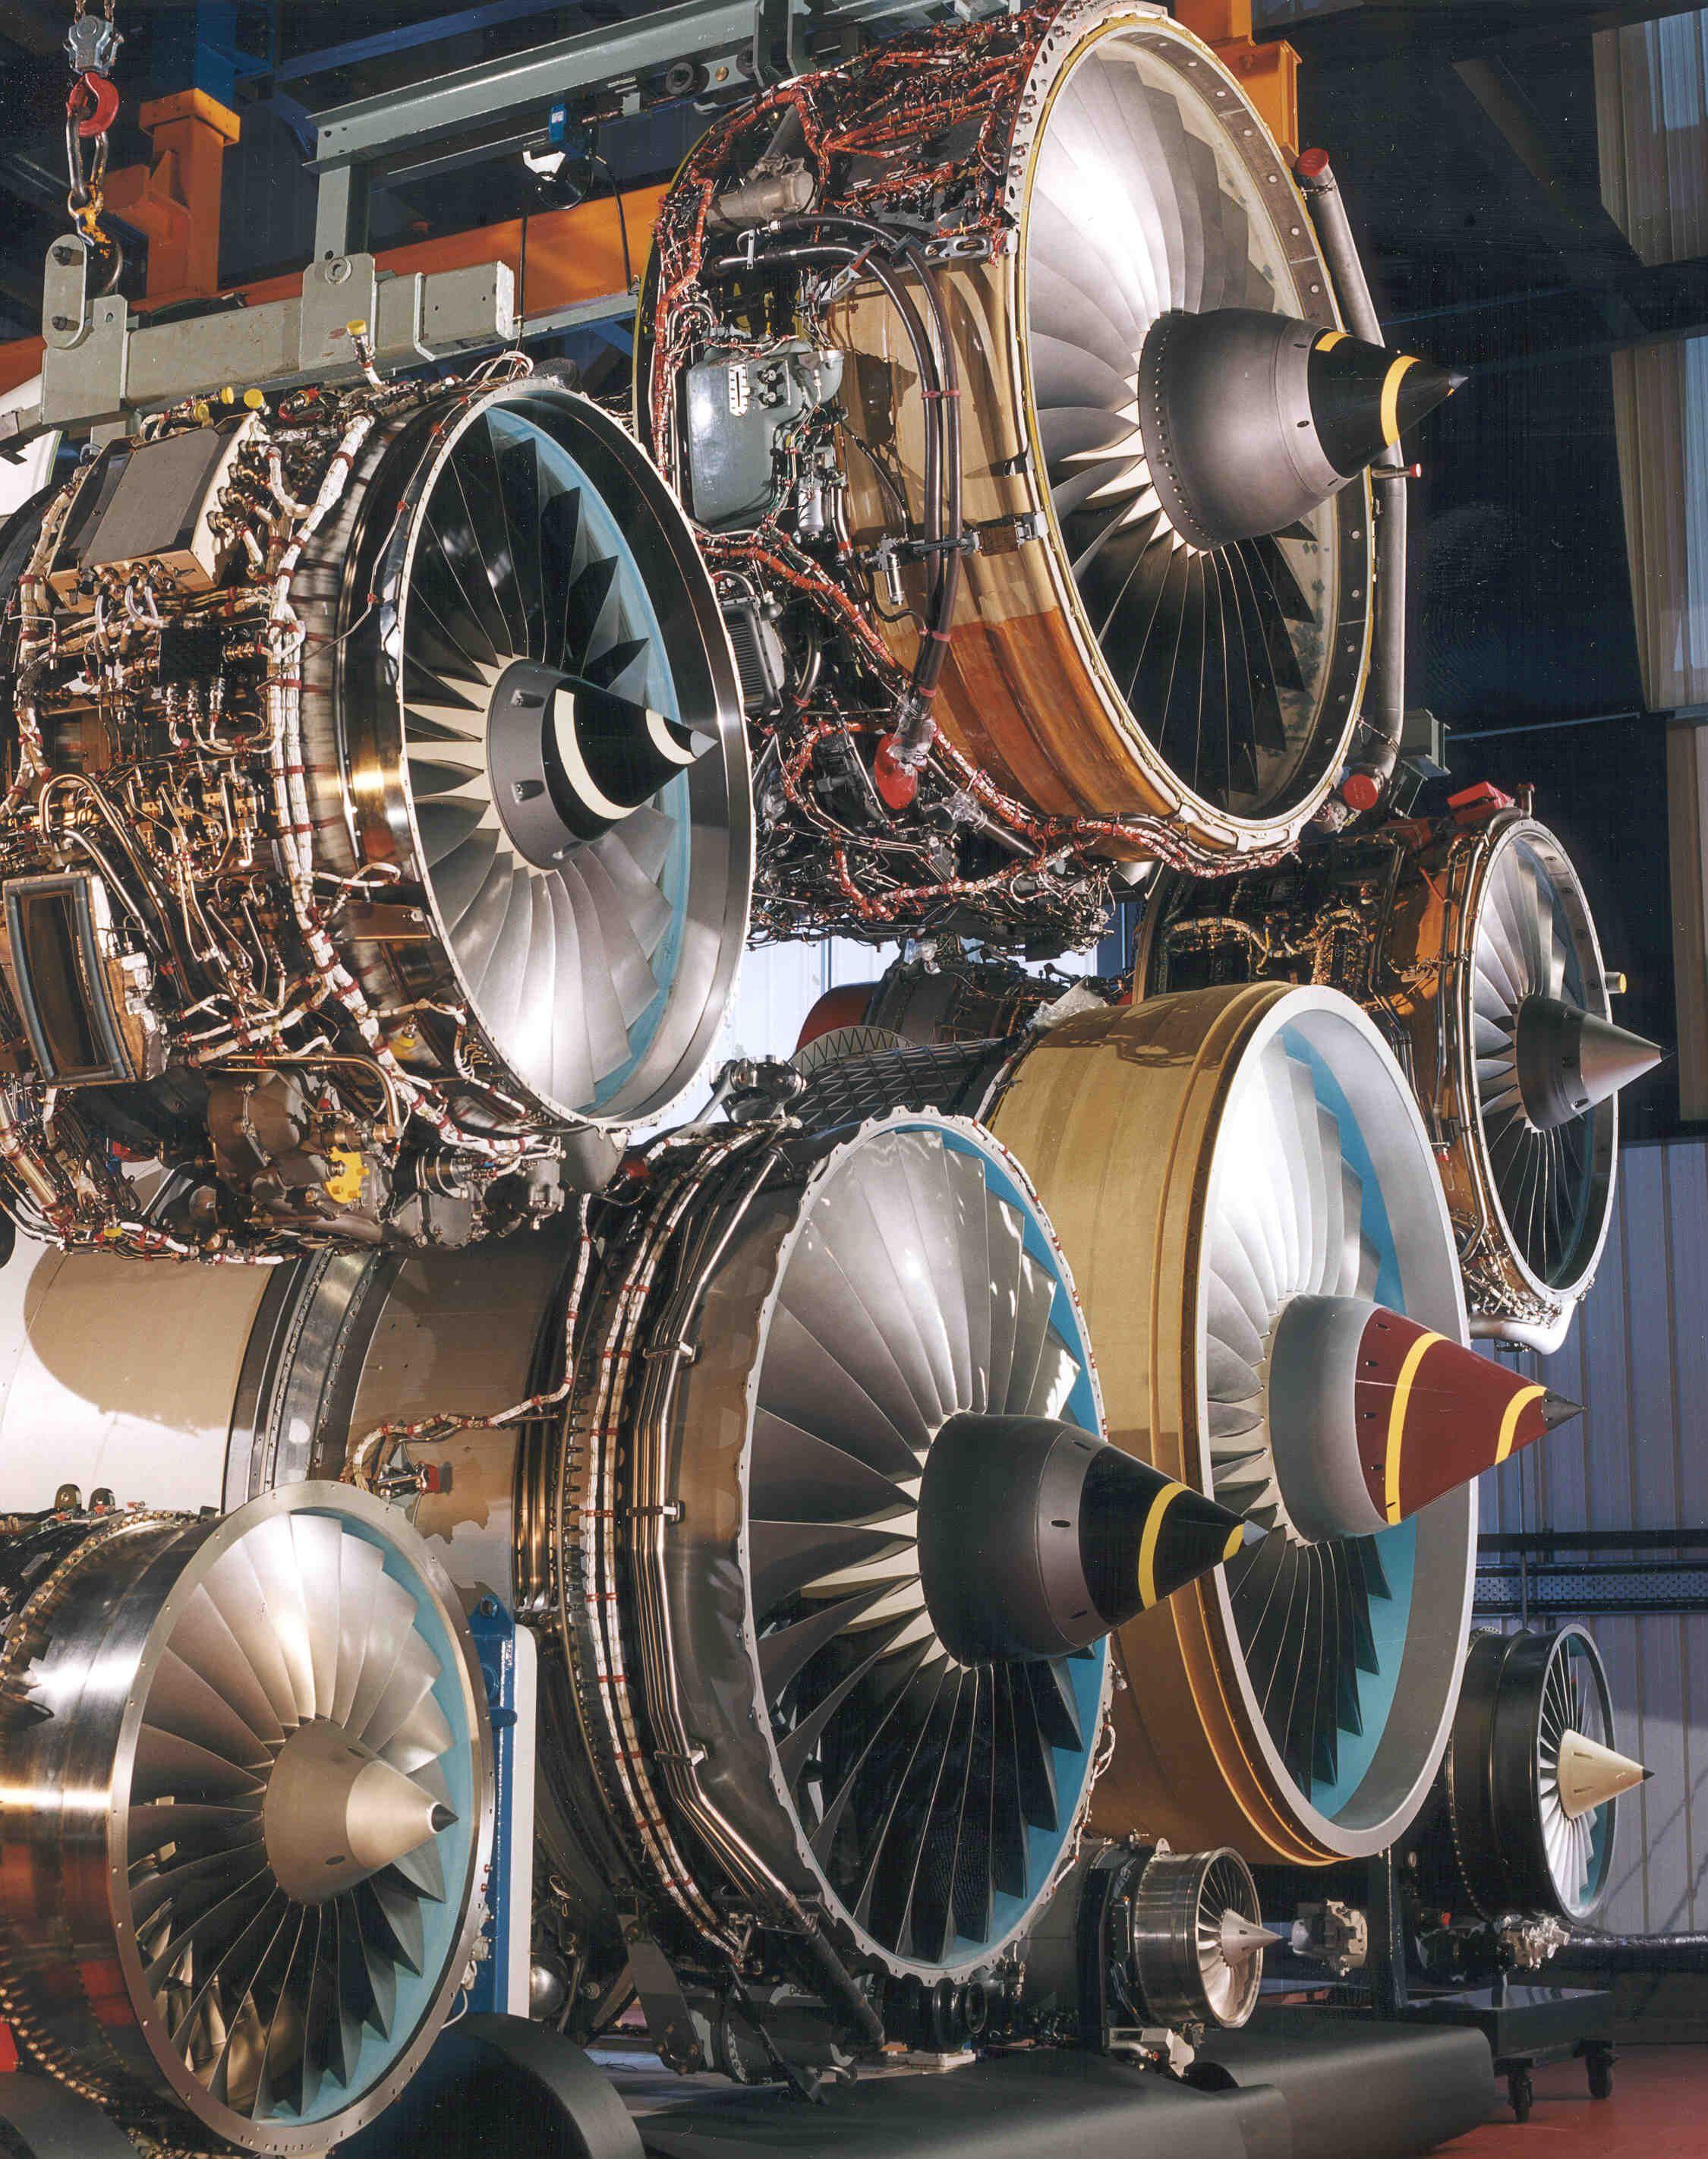 Rolls Royce Engines Display TURBINE ENGINE S Pinterest